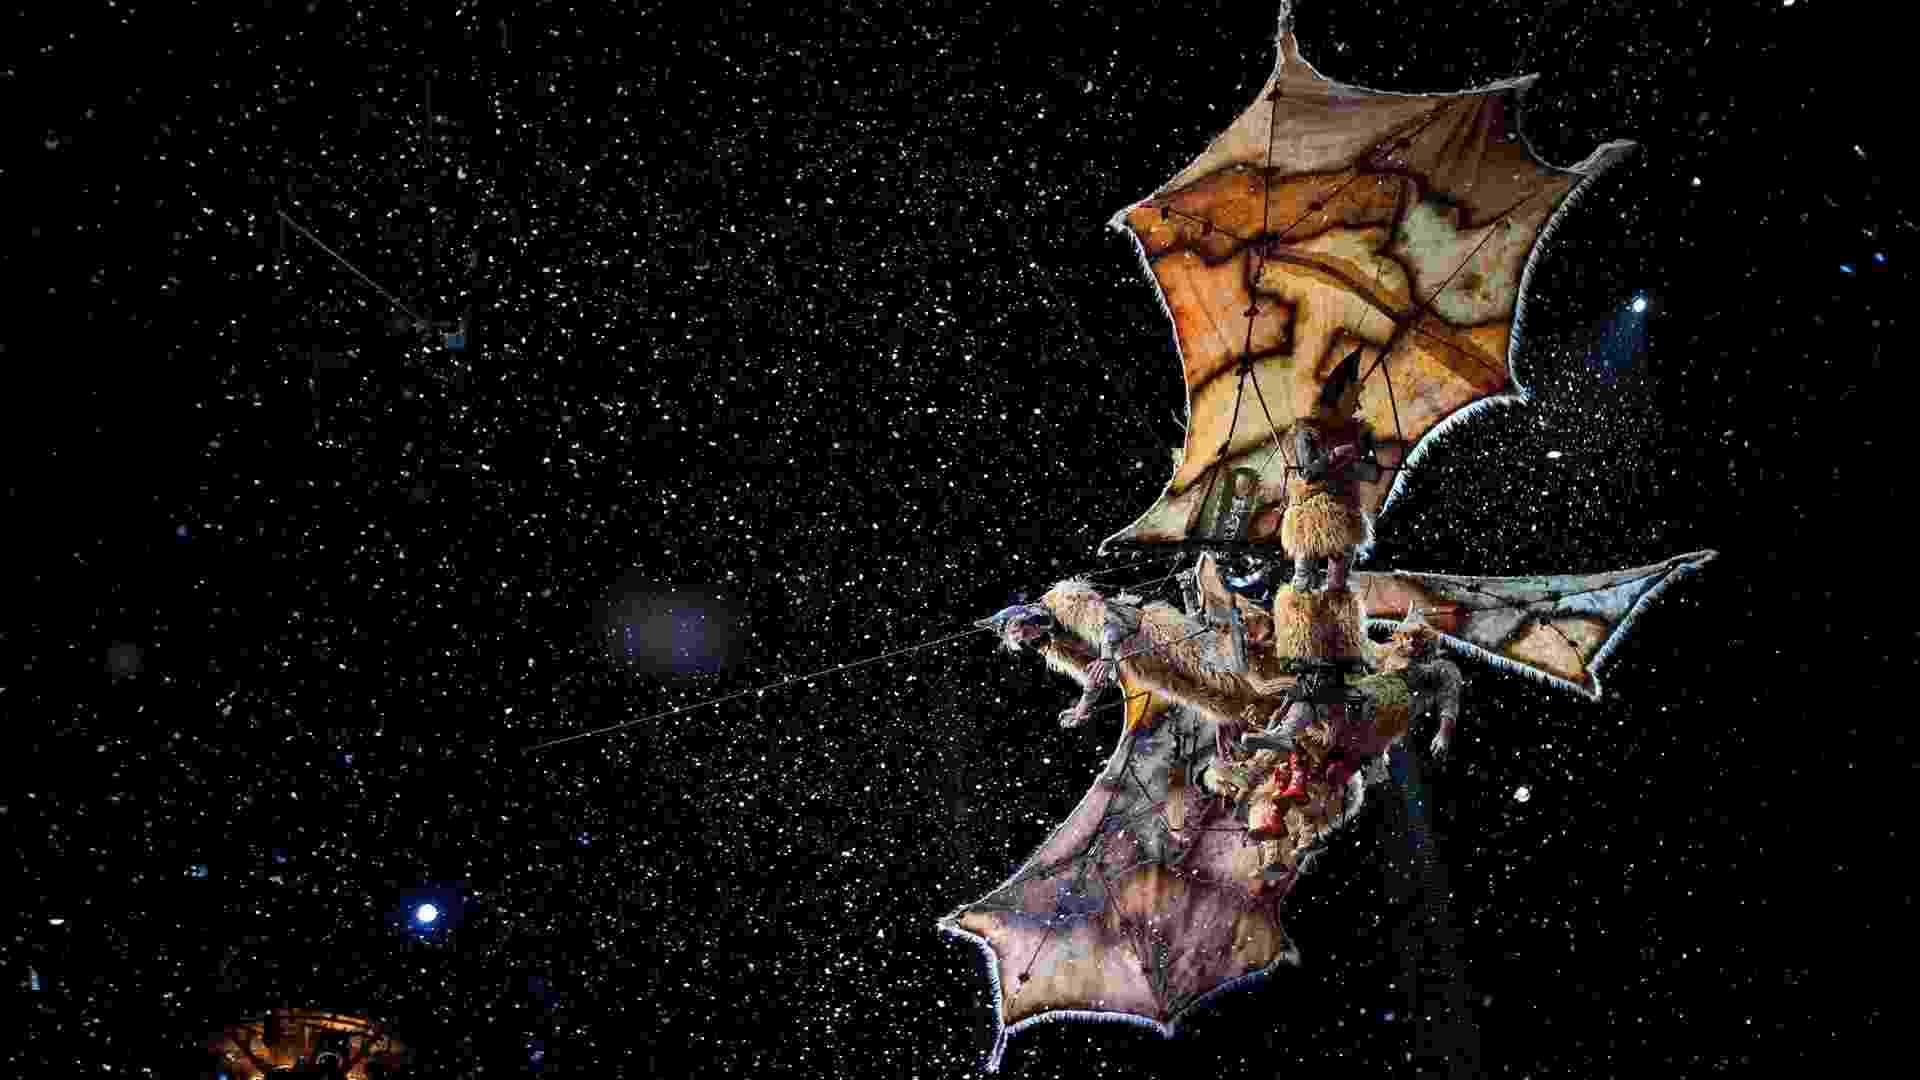 """Cena de """"Outros Mundos"""", filme do Cirque du Soleil produzido em 3D e que narra a trajetória de uma personagem pelos espetáculos da trupe - Divulgação/Paramount"""